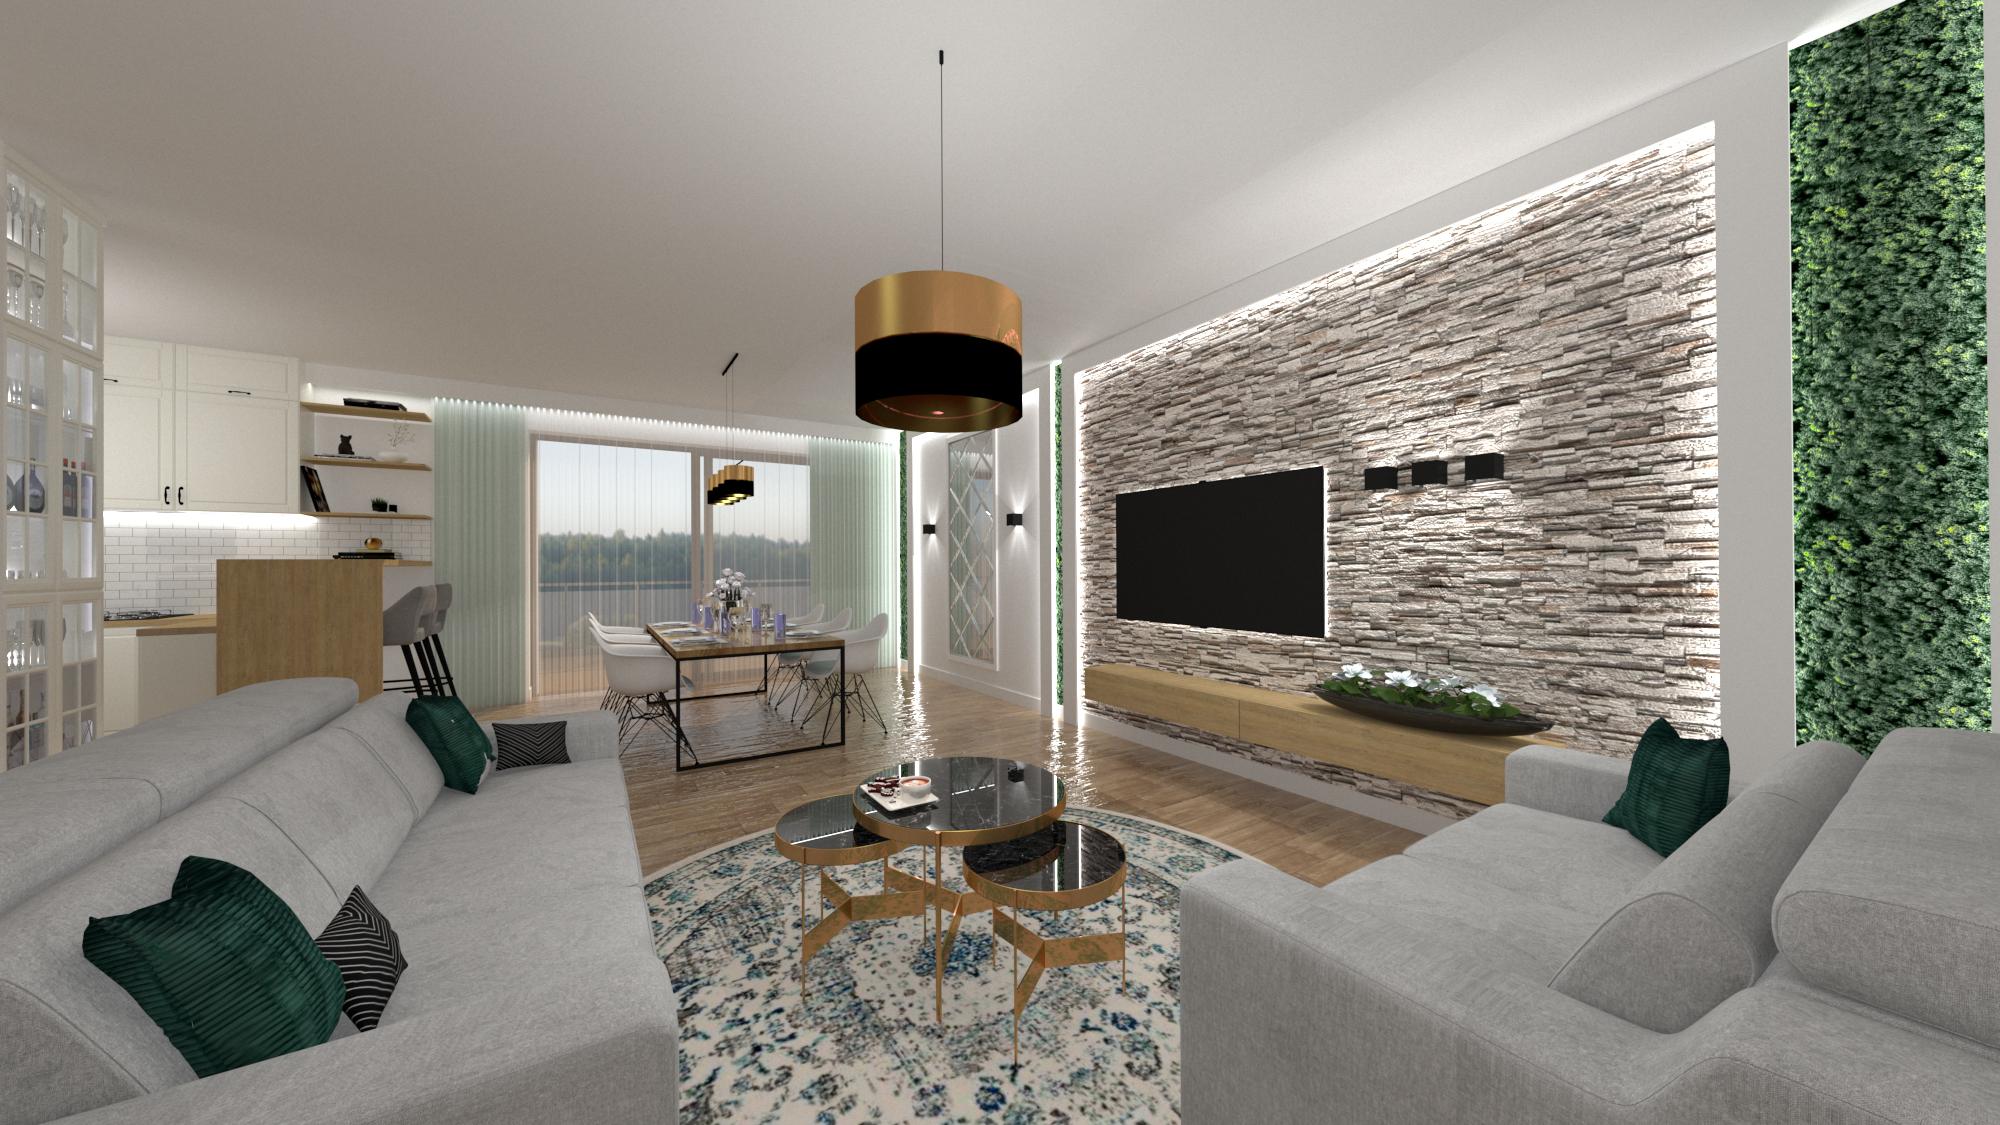 Detale Laura Nowakowska projekt wnętrz domu w Pomiechówku